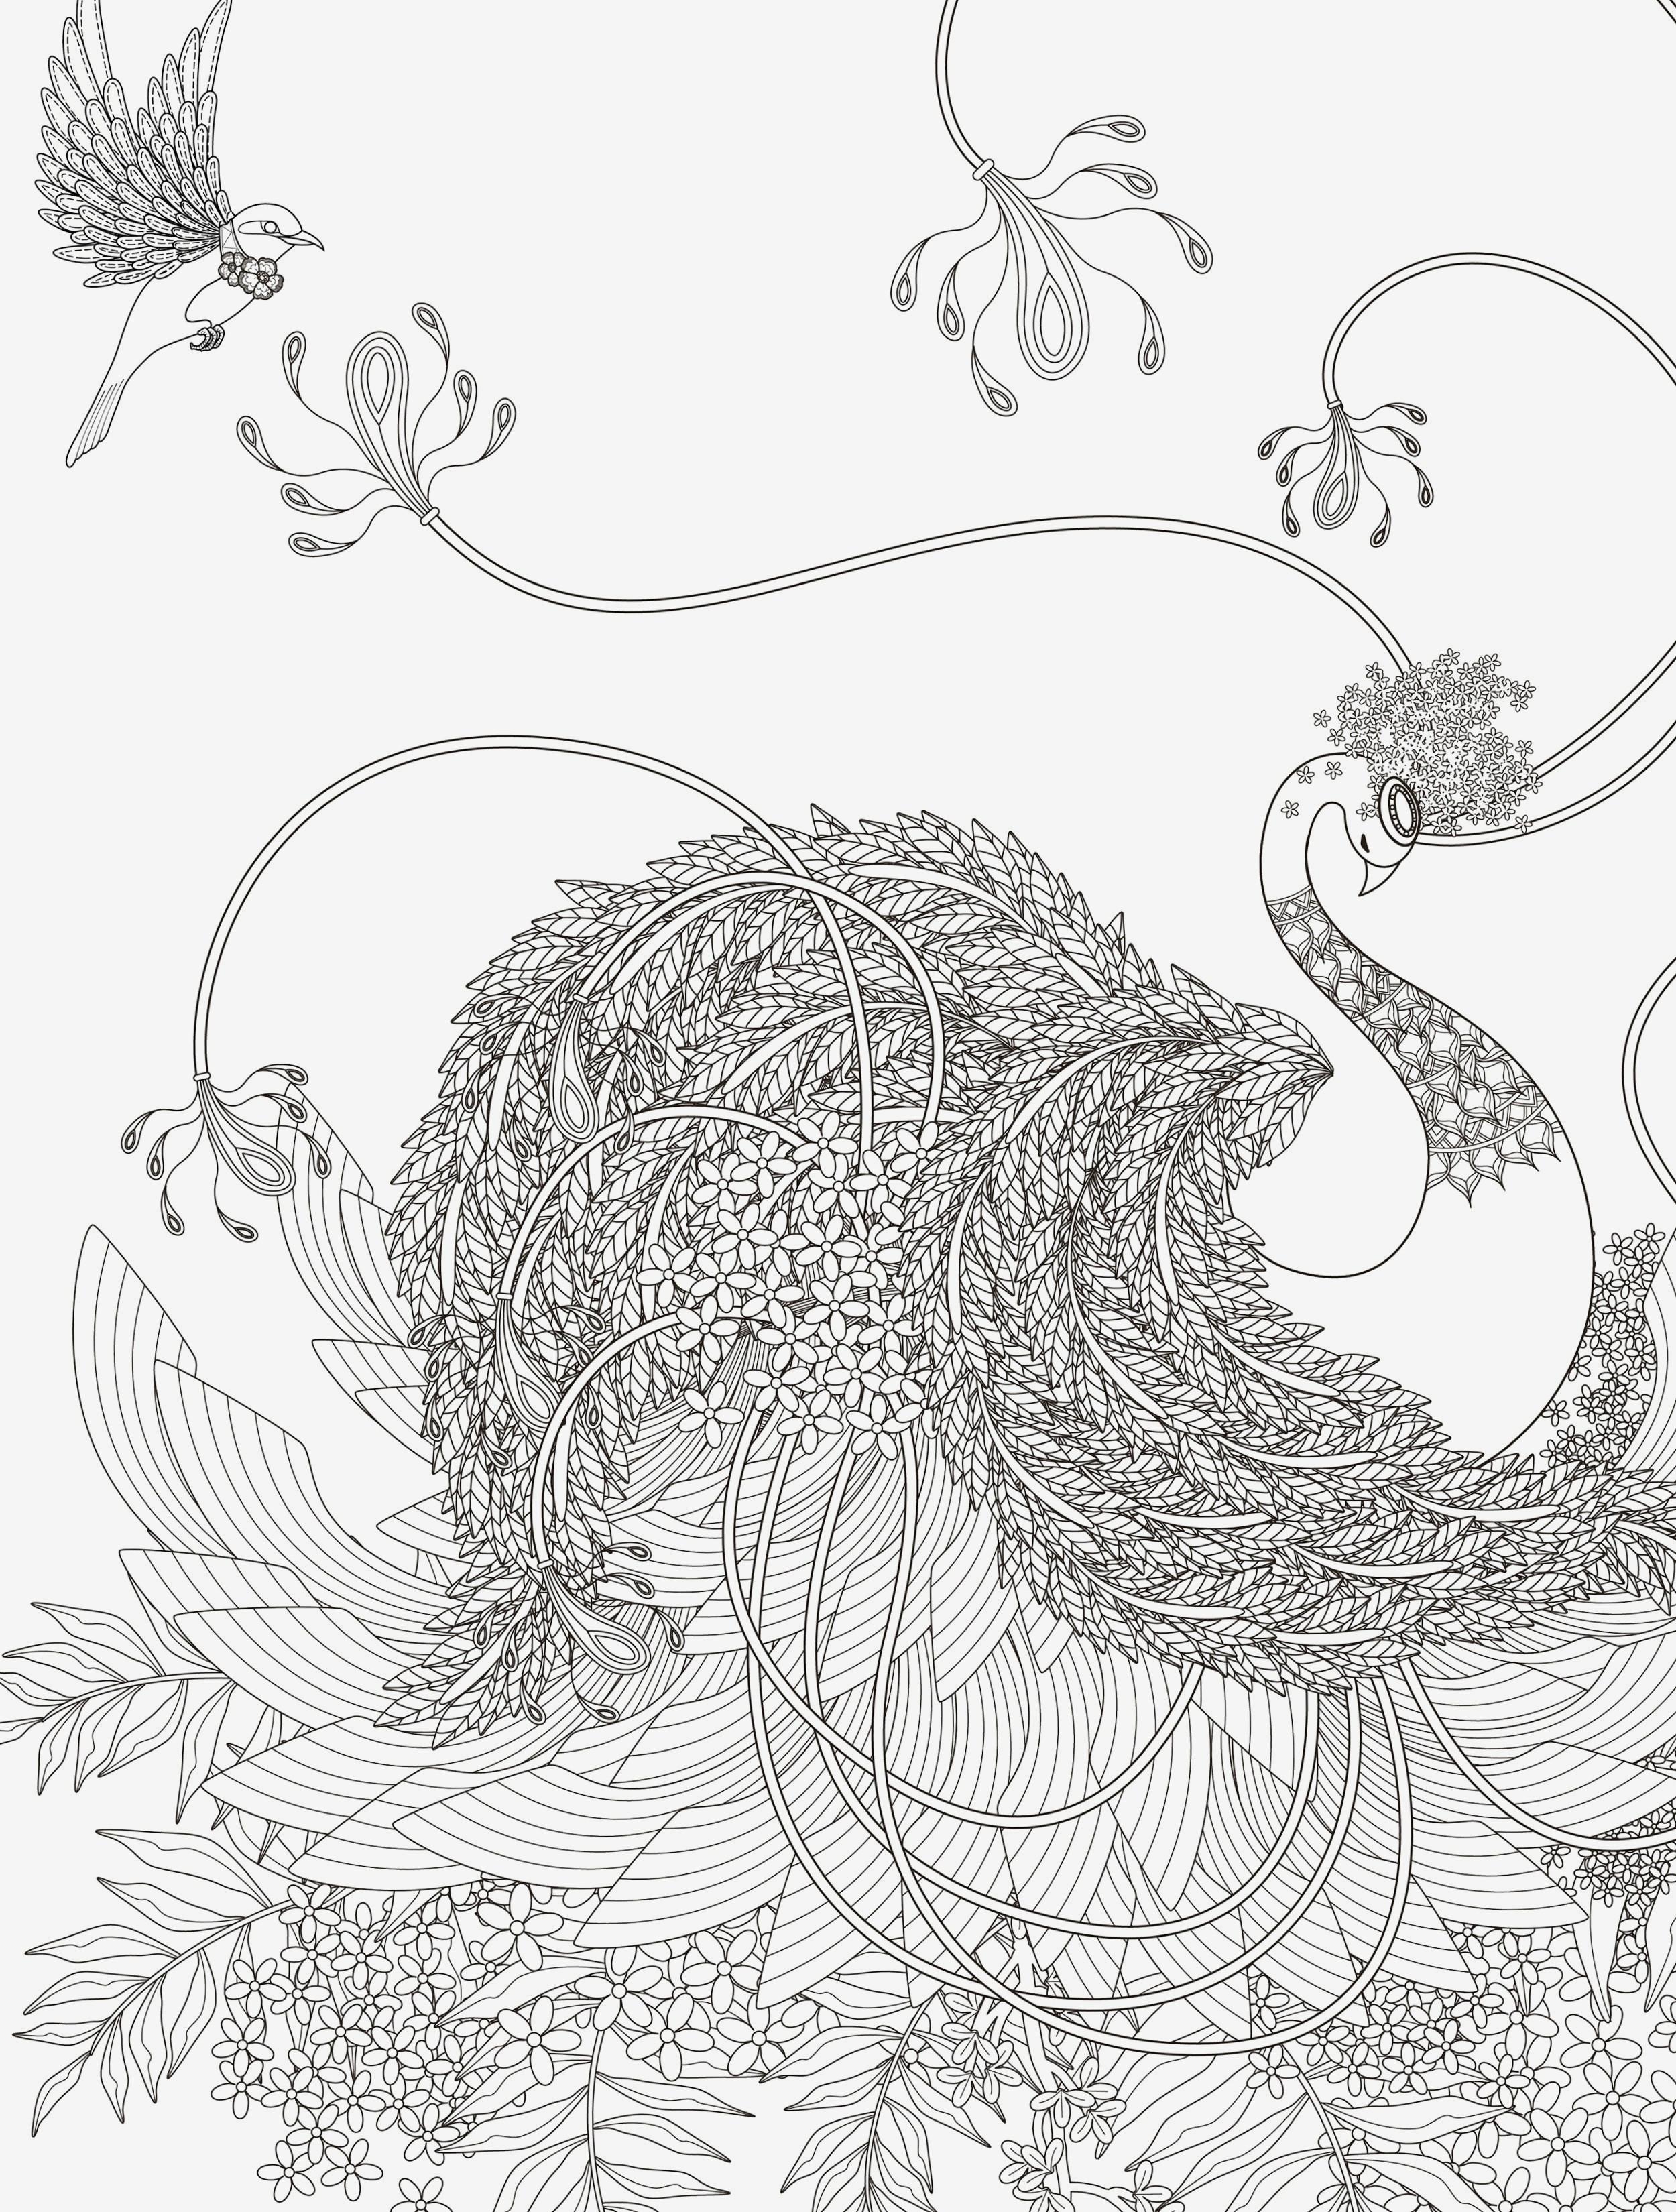 Pegasus Zum Ausmalen Genial Beispielbilder Färben Ausmalvorlagen Galerie